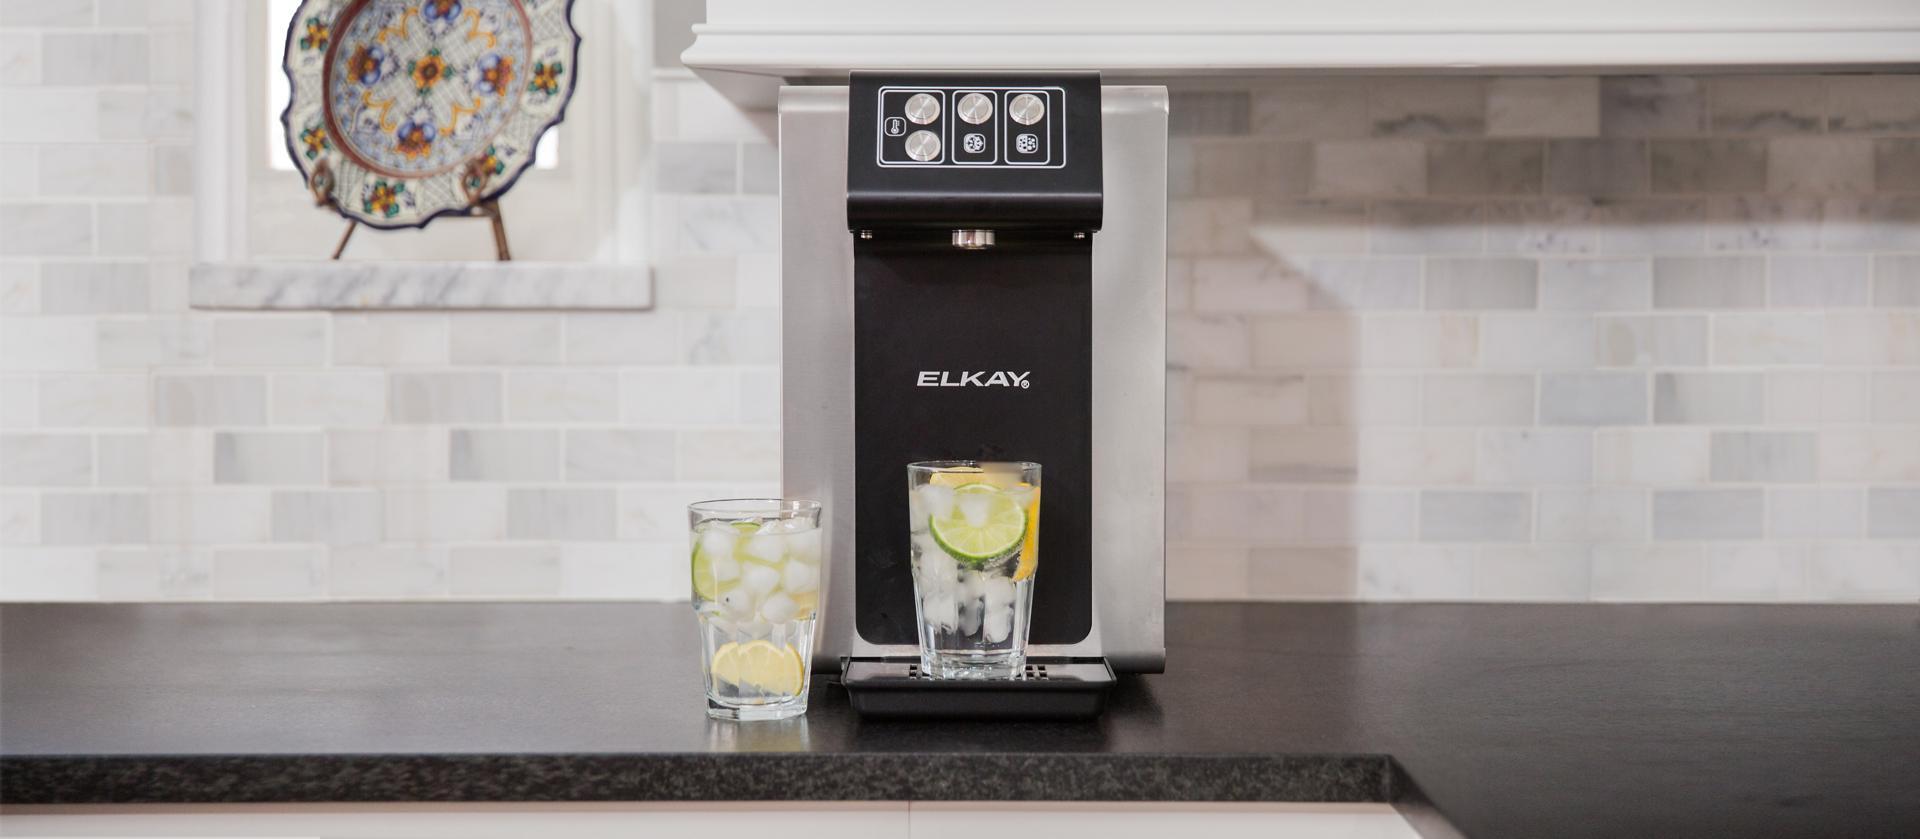 Premium Water Dispensers | Elkay